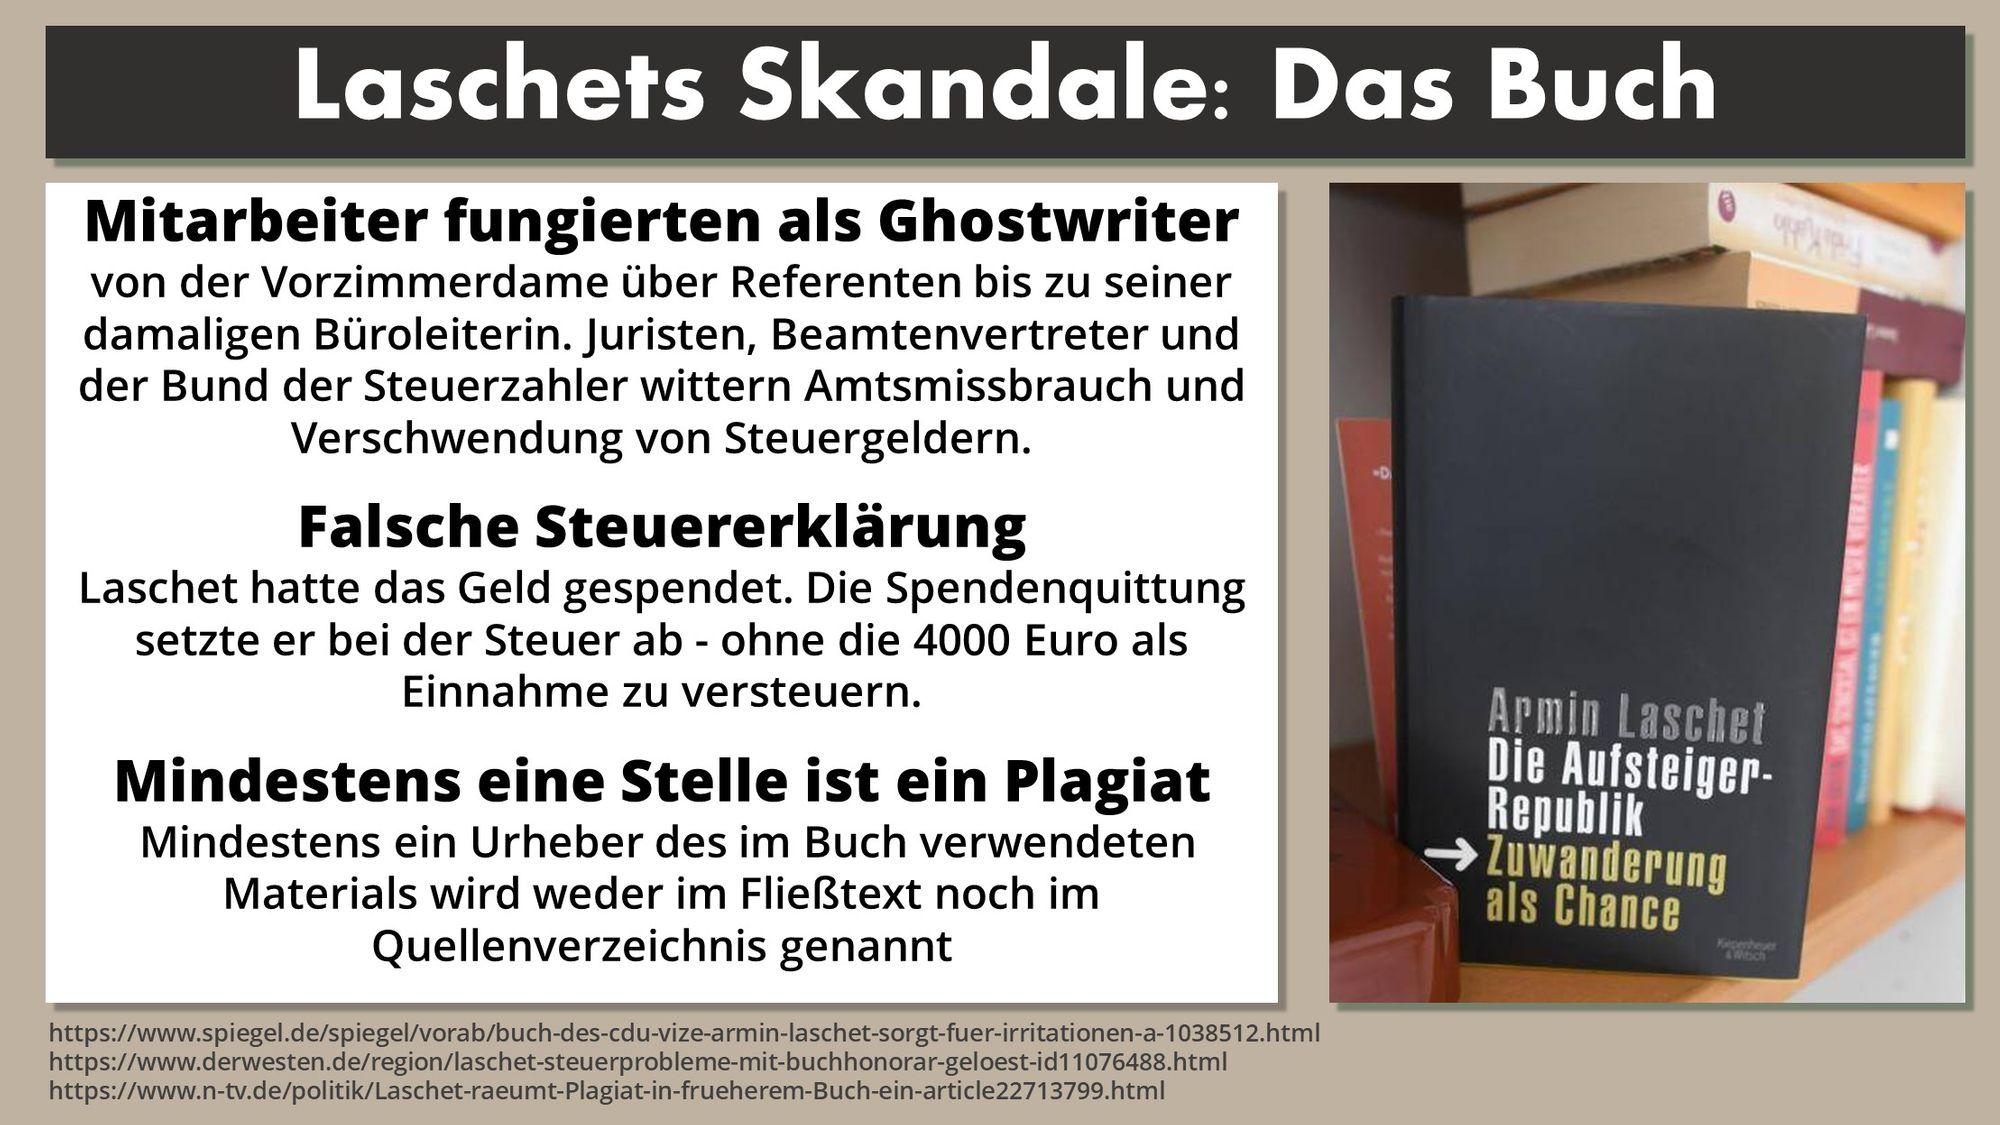 Laschet Skandal Buch